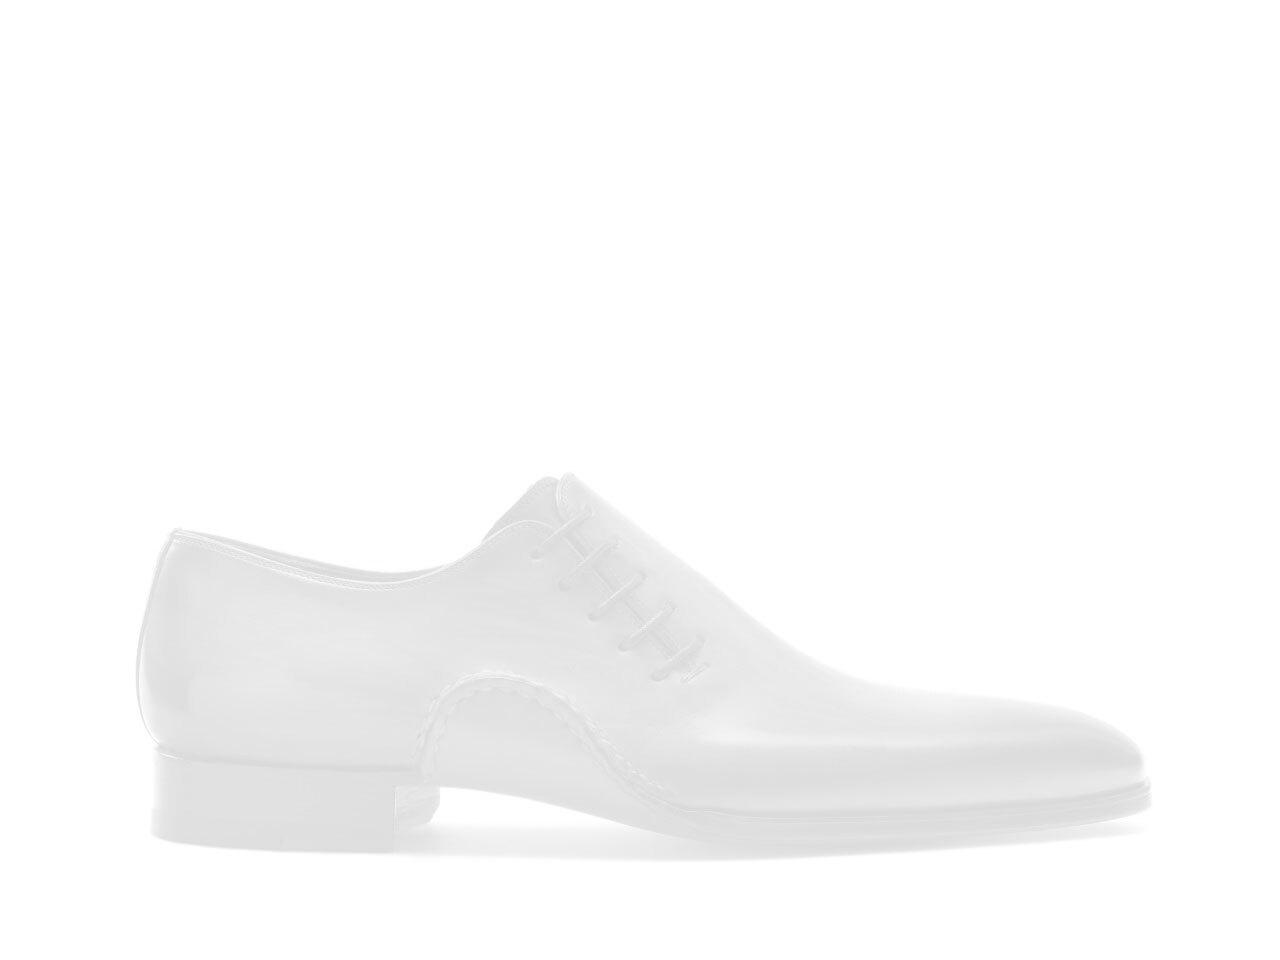 Side view of the Magnanni Lizandro Cuero Men's Sneakers